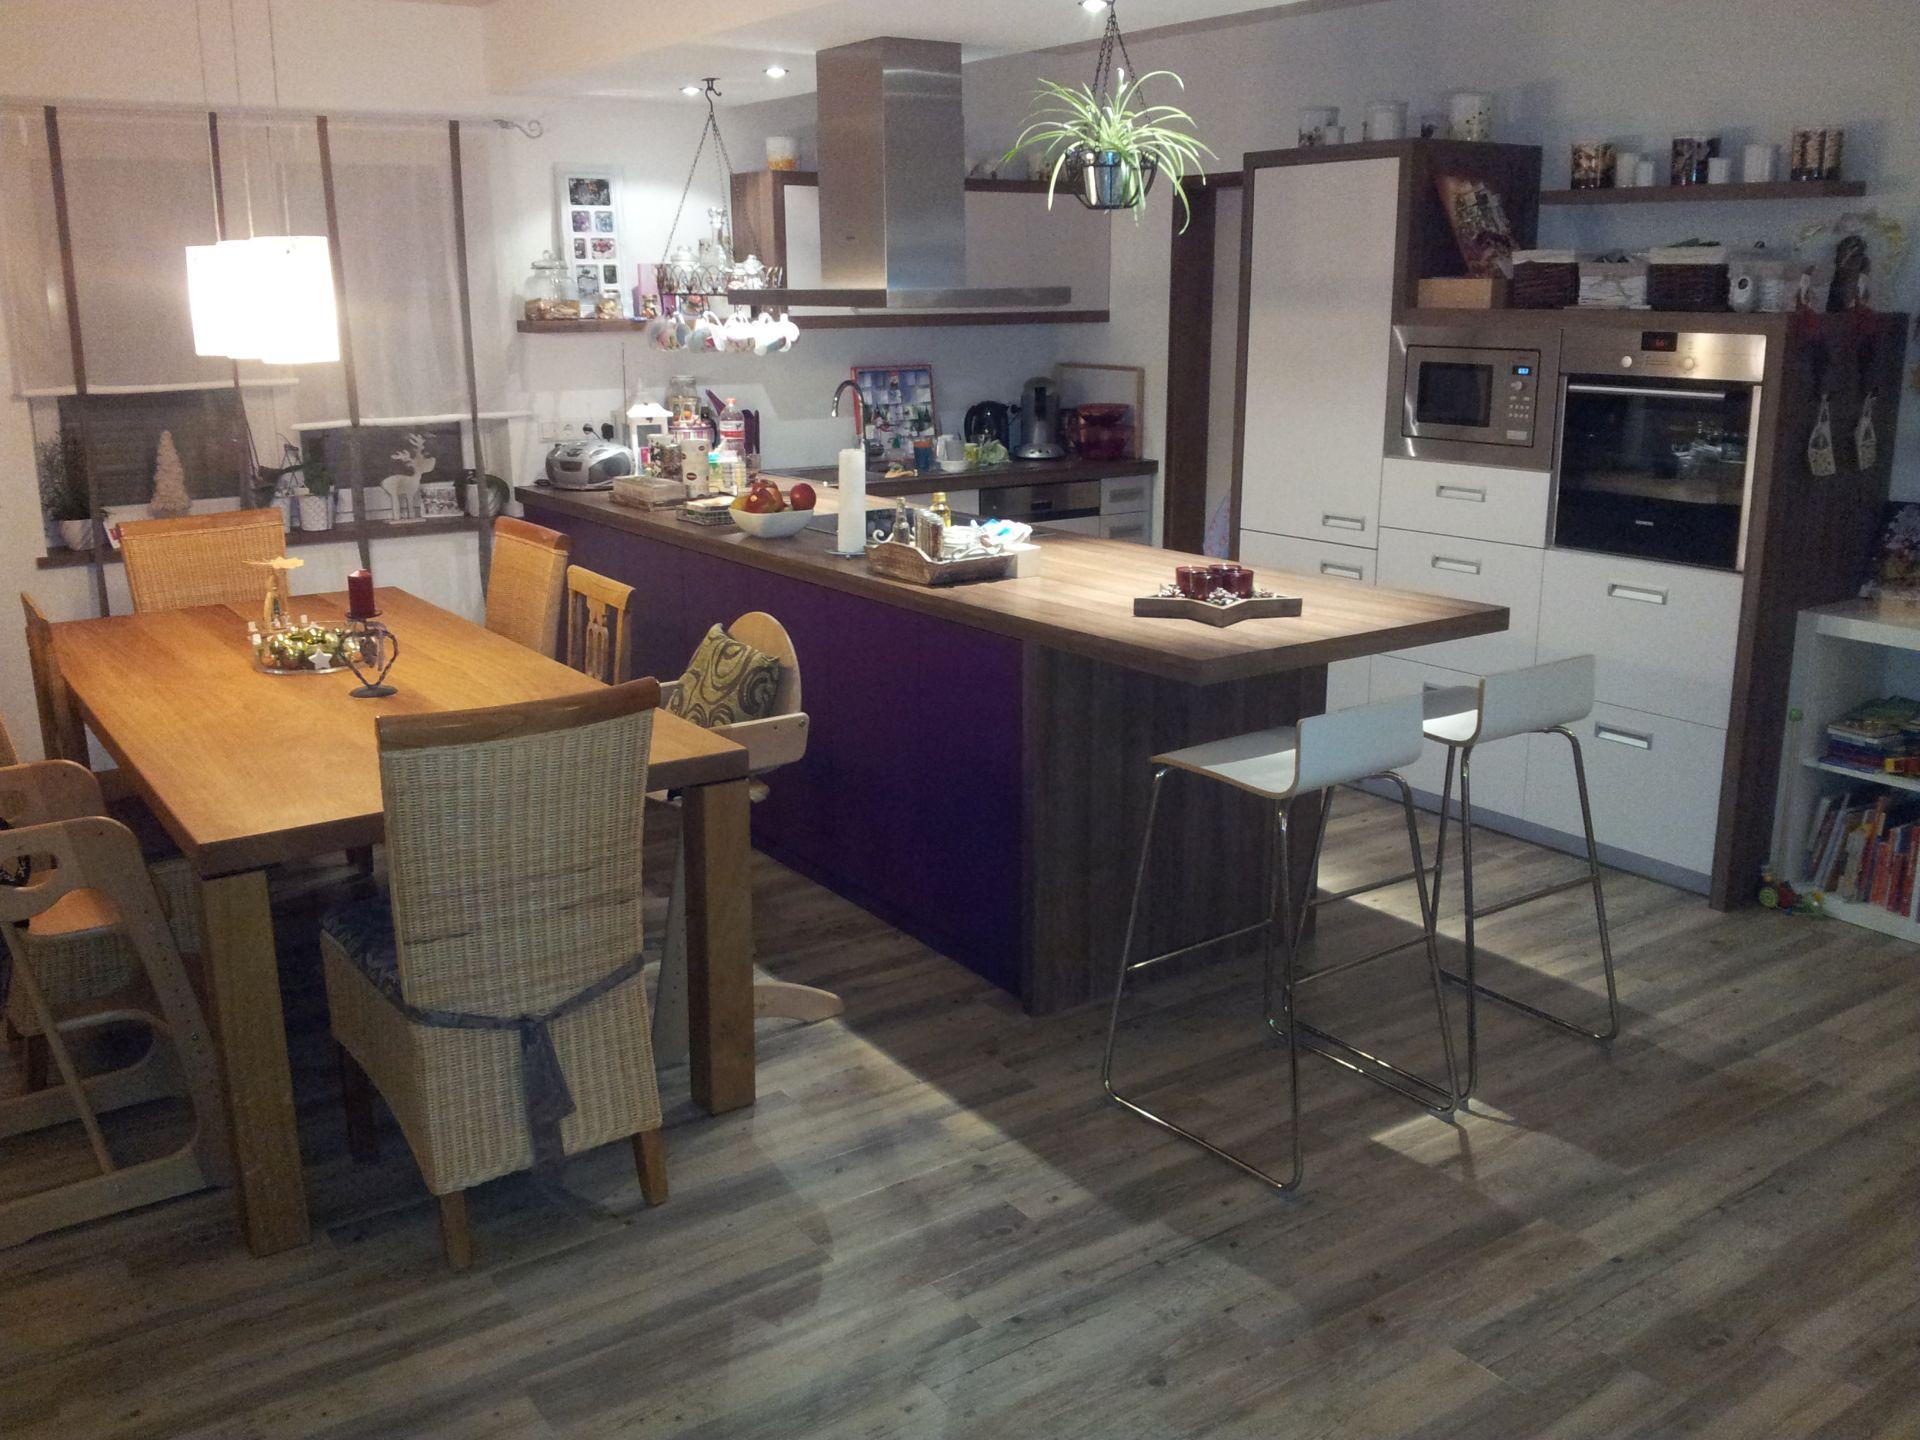 Gut gemocht Küche mit Theke und Esstisch - Prasse & van den Boom GmbH & Co. KG WG97